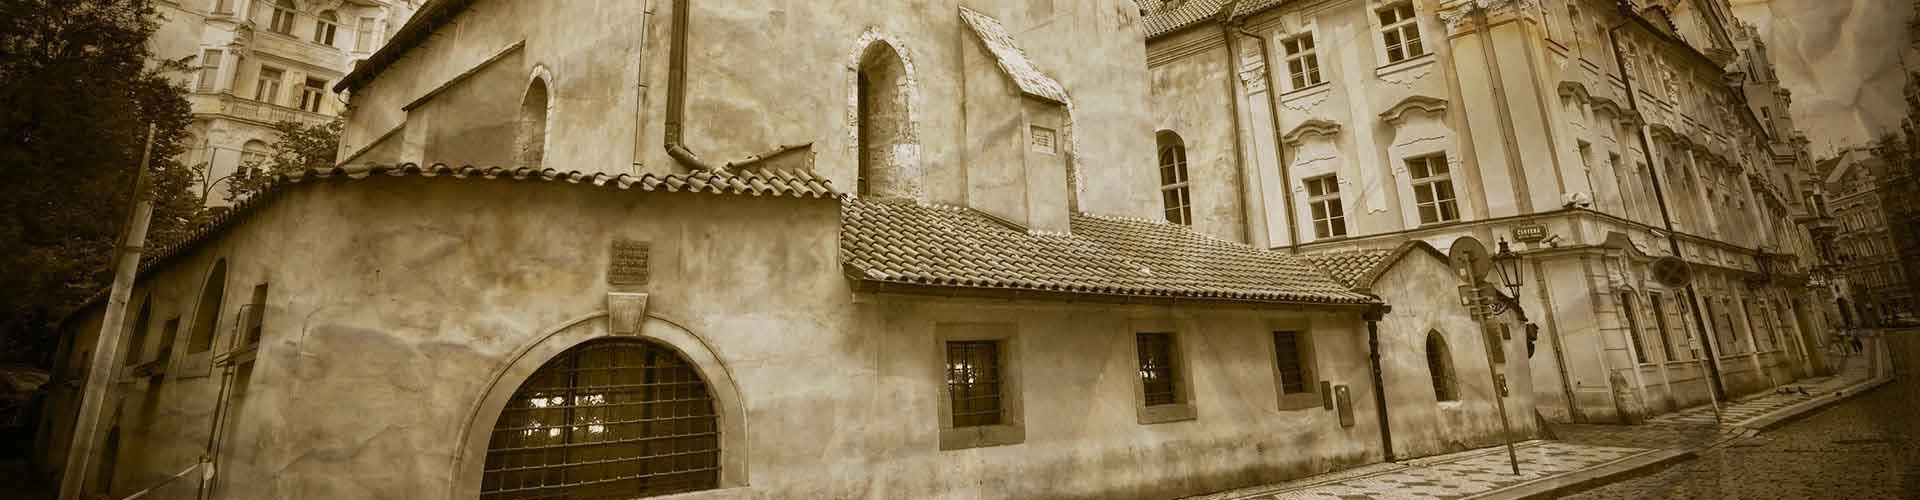 Praga – Albergues próximos a Nova Sinagoga Velha. Mapas para Praga, Fotos e Avaliações para cada Albergue em Praga.